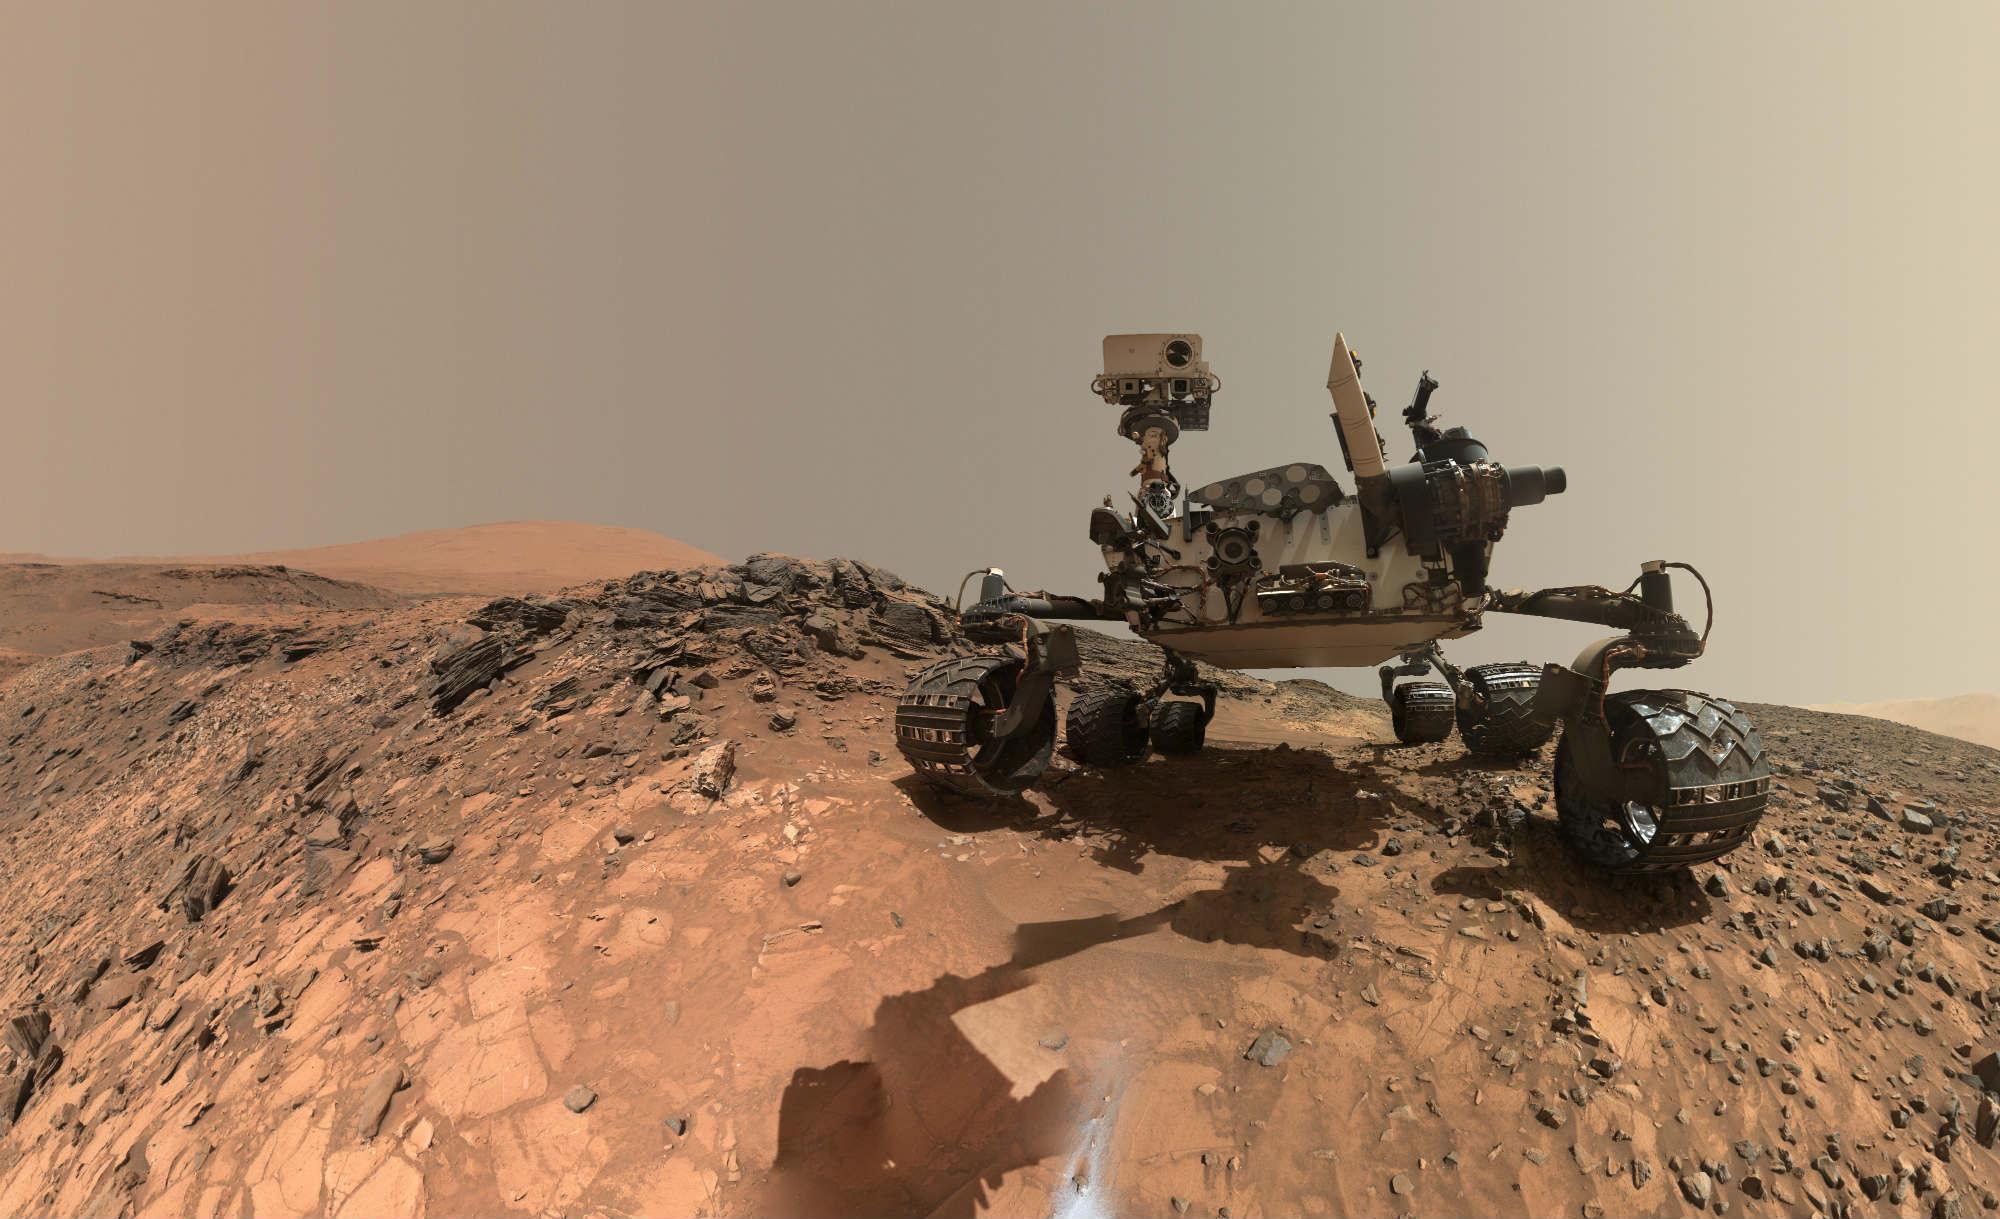 curiosity selfie 2 image